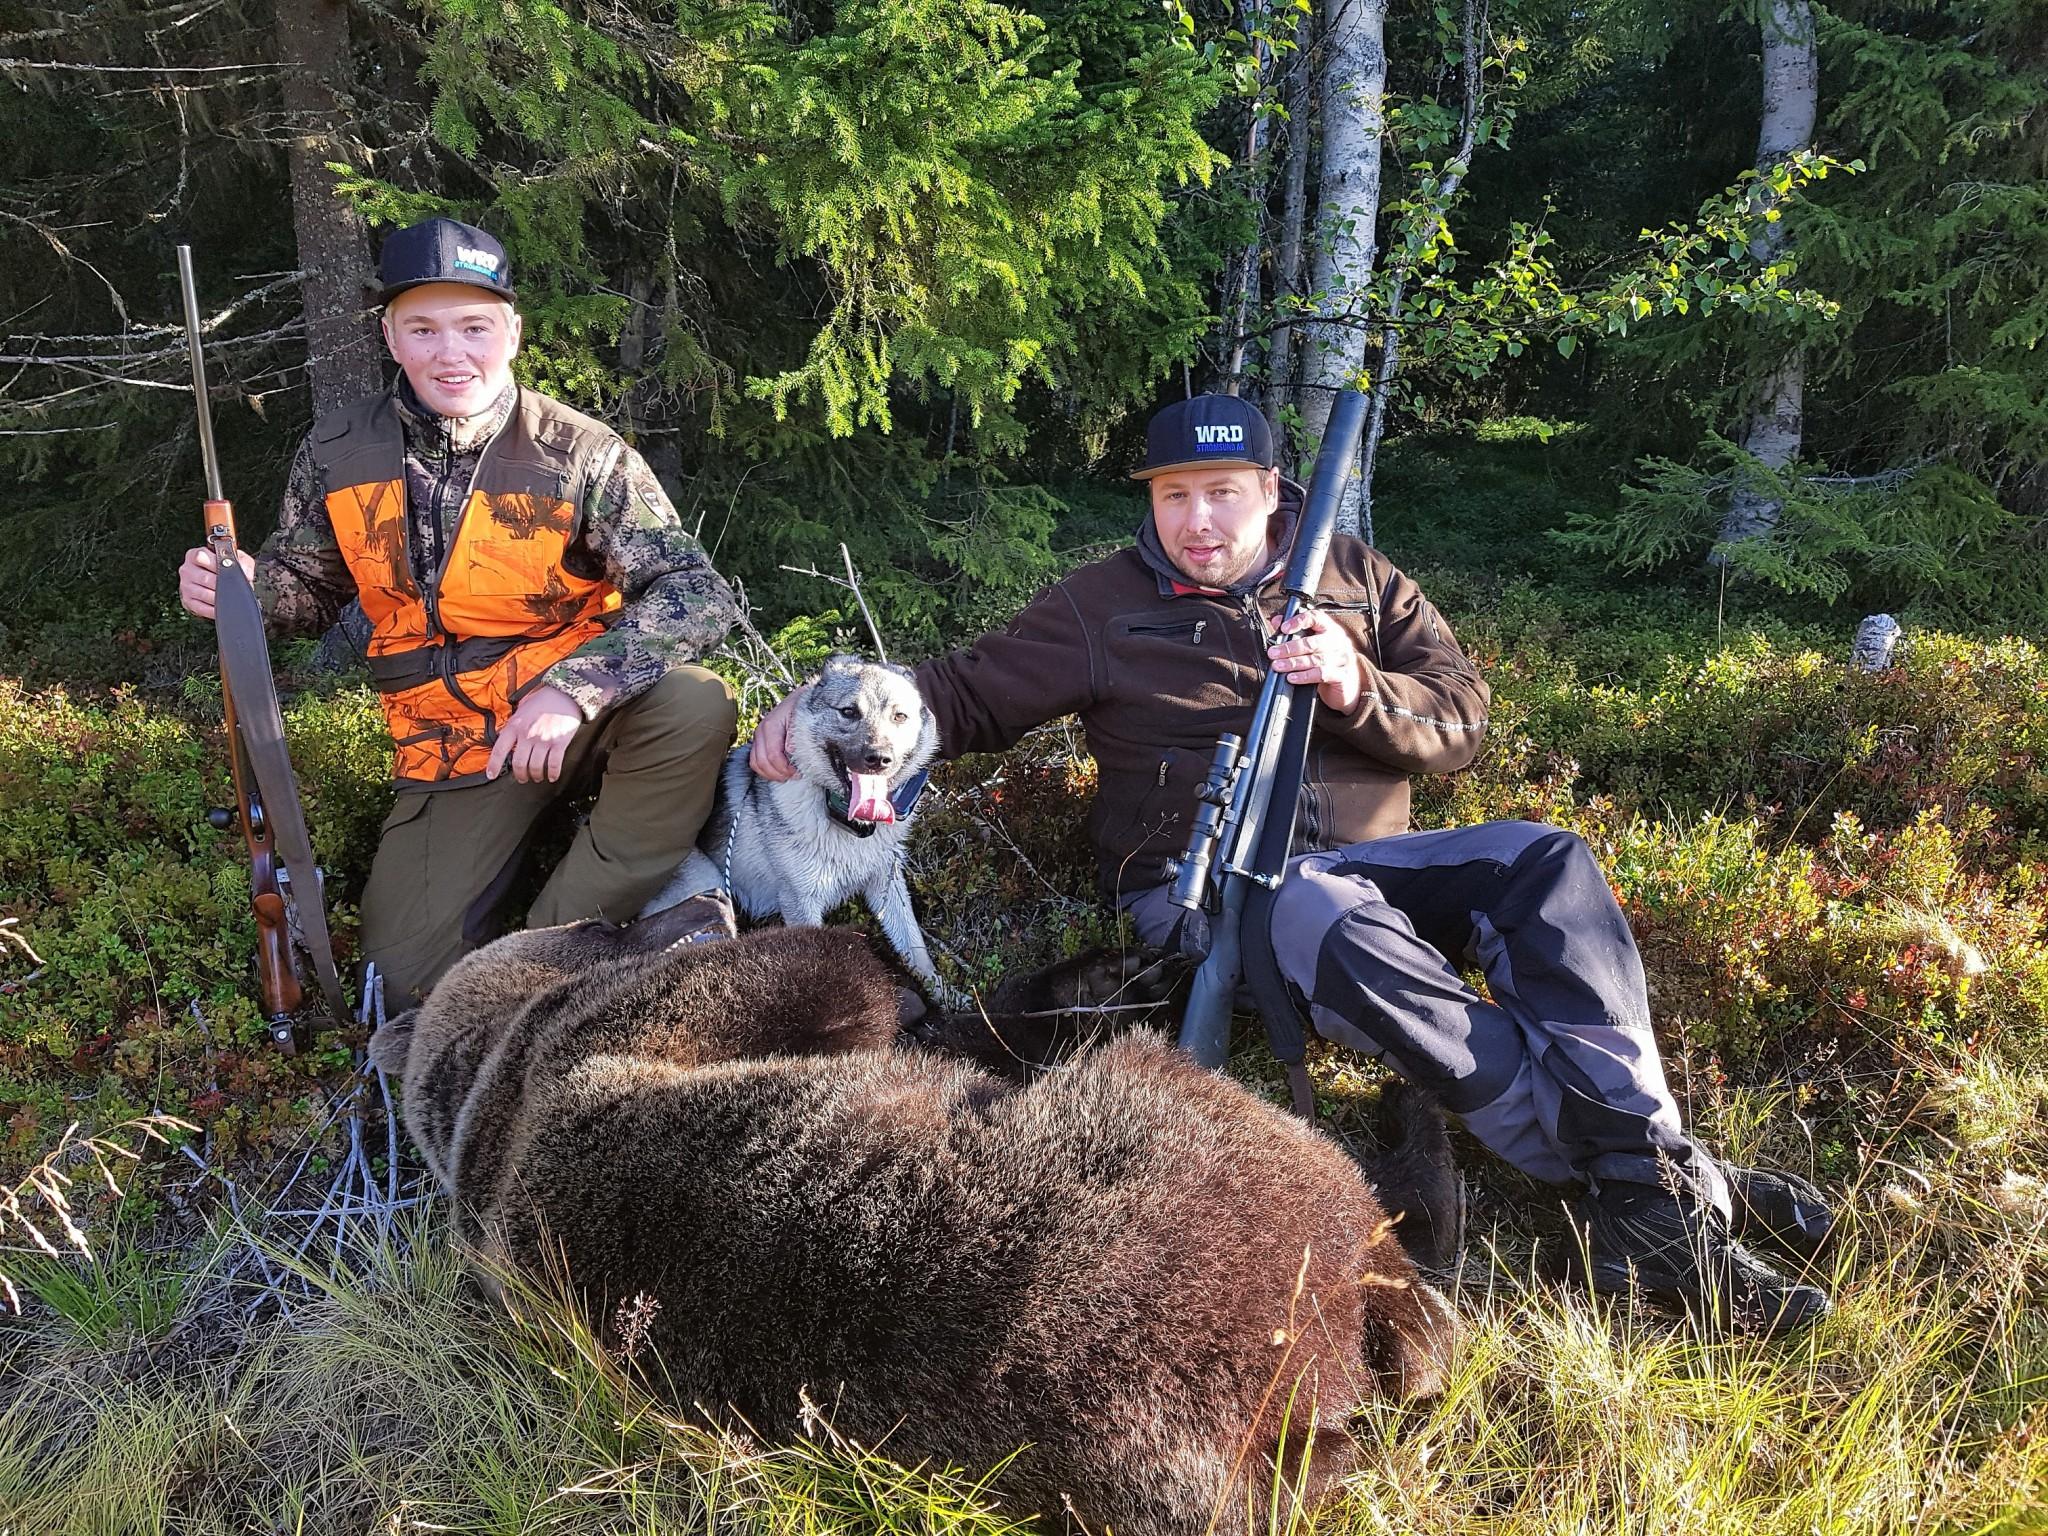 Skyttar Fredrik Ottosson Flykälen och 16-årige Lucas Strömberg Yxskaftkälen vilka inte gjorde något misstag när björnen kom på endast 20 meter. En hane på 125 kilo. Foto: Per Andersson